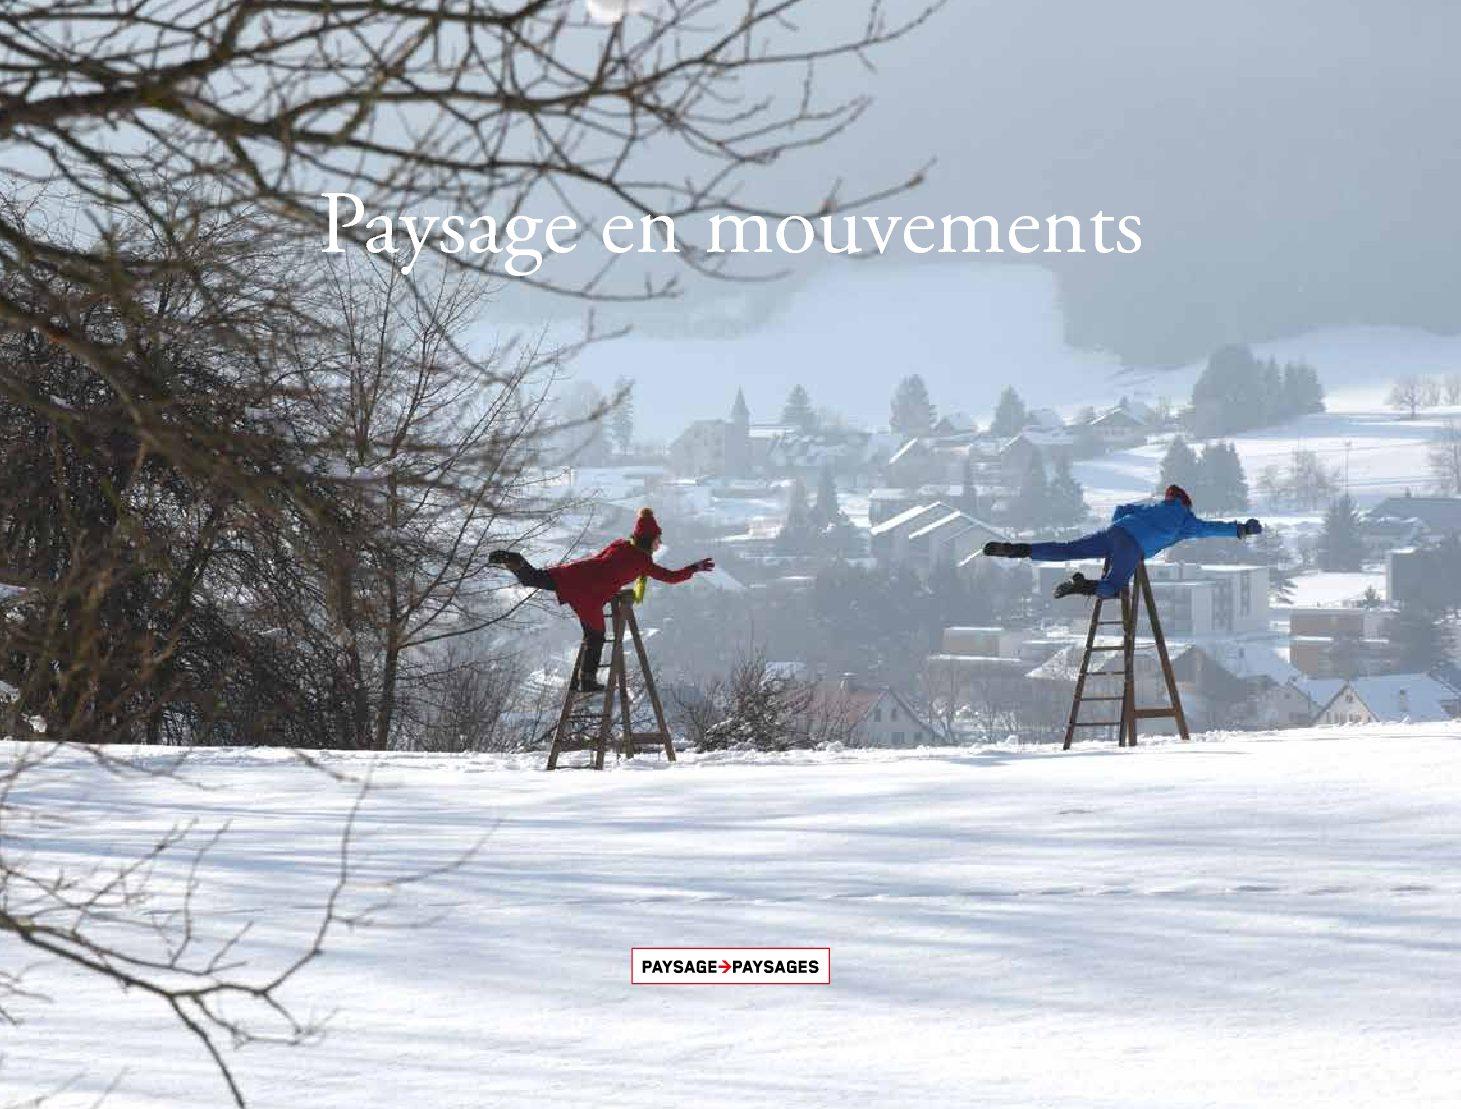 L'édition : paysage en mouvements